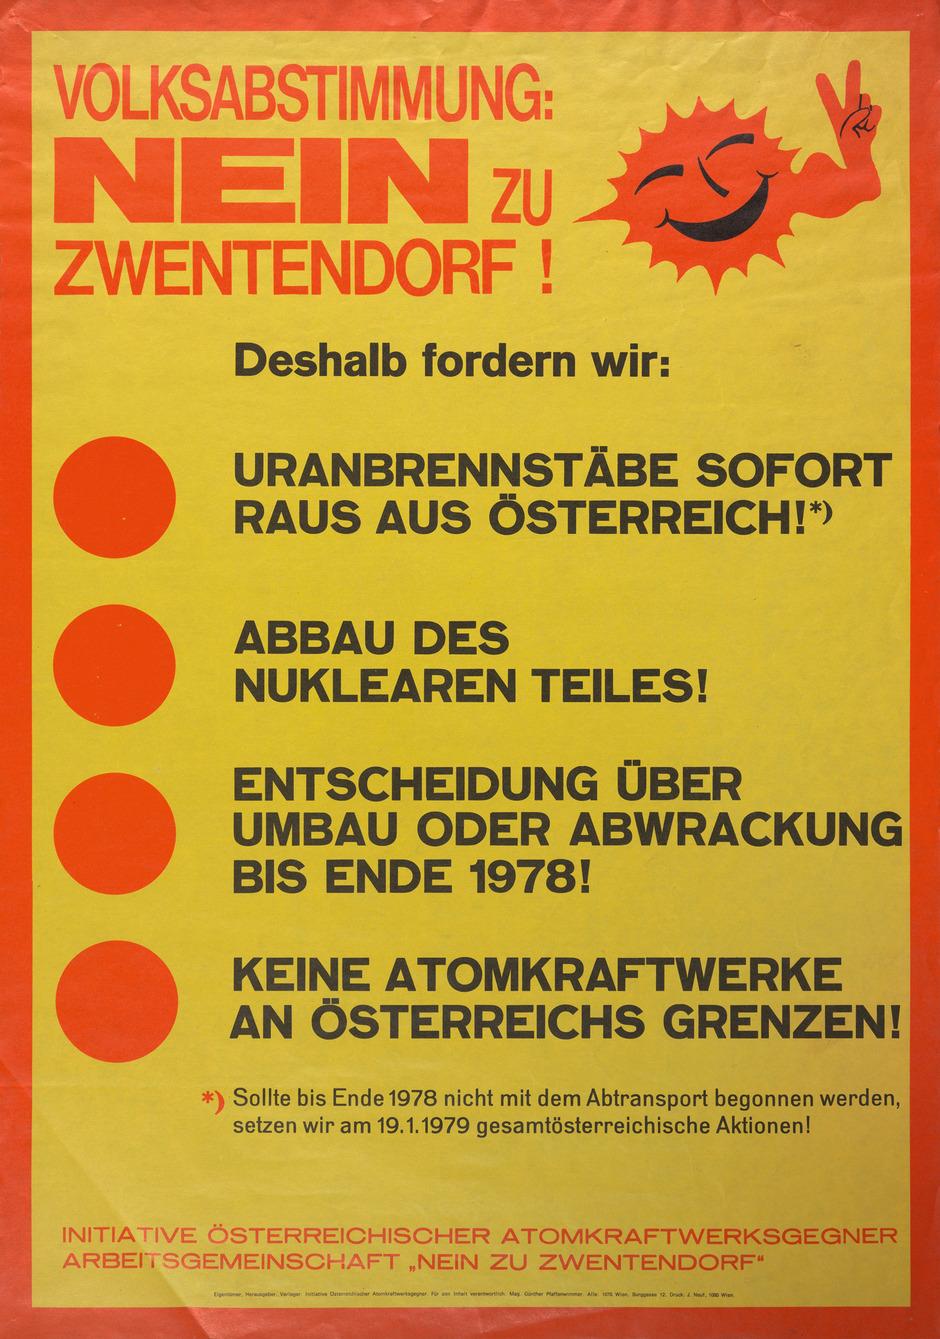 Grafisch banales Anti-Zwentendorf-Plakat aus den 1970er-Jahren.